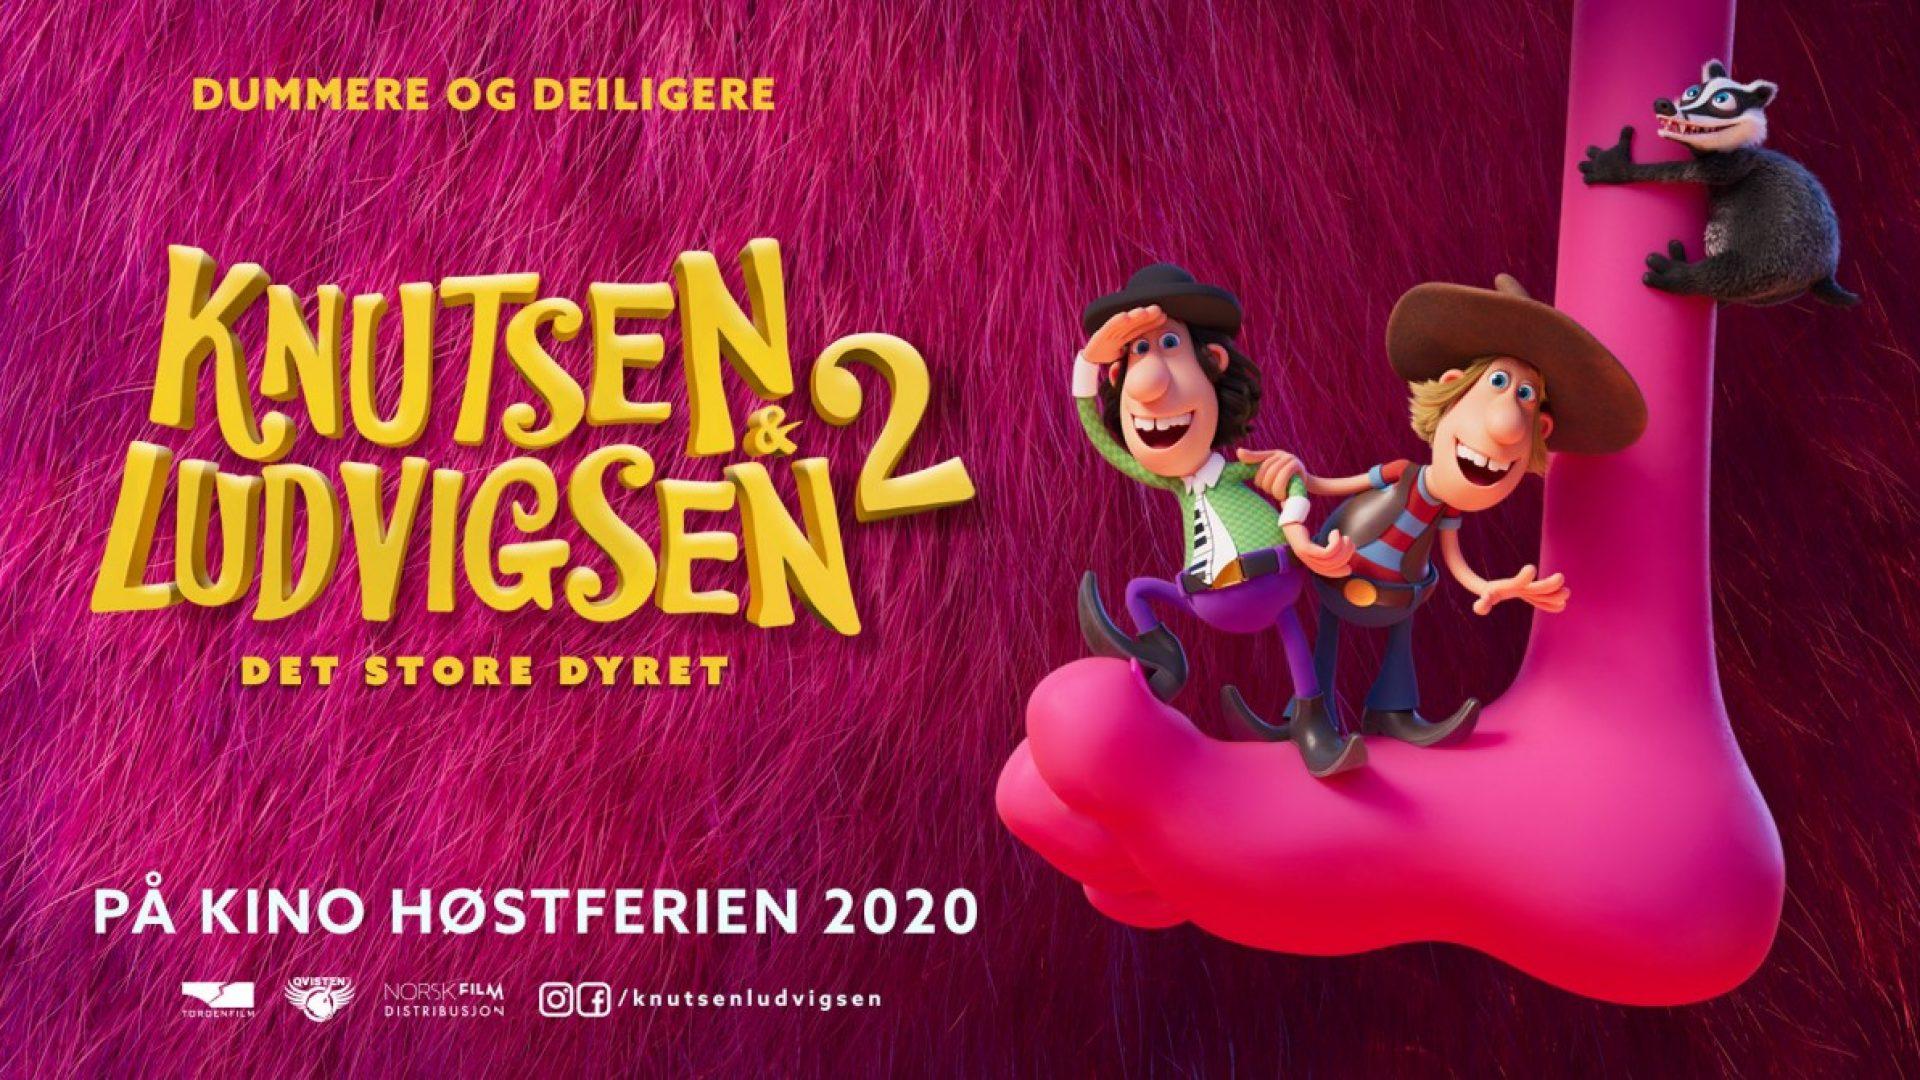 Knutsen og Ludvigsen filmcover